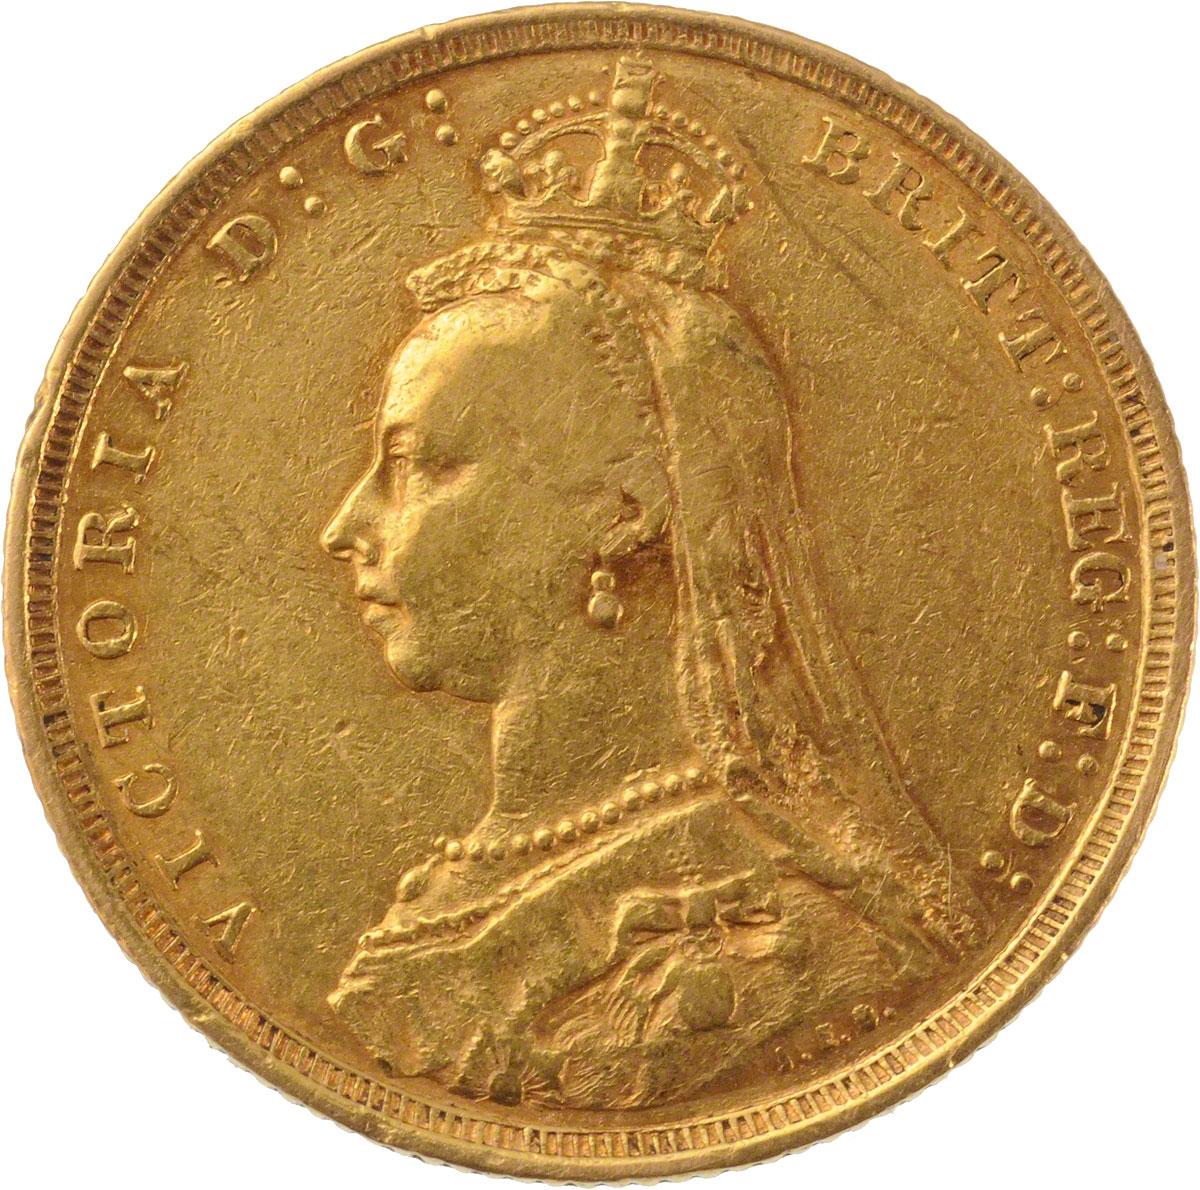 1890 Βικτώρια (Νομισματοκοπείο Σίδνεϊ)